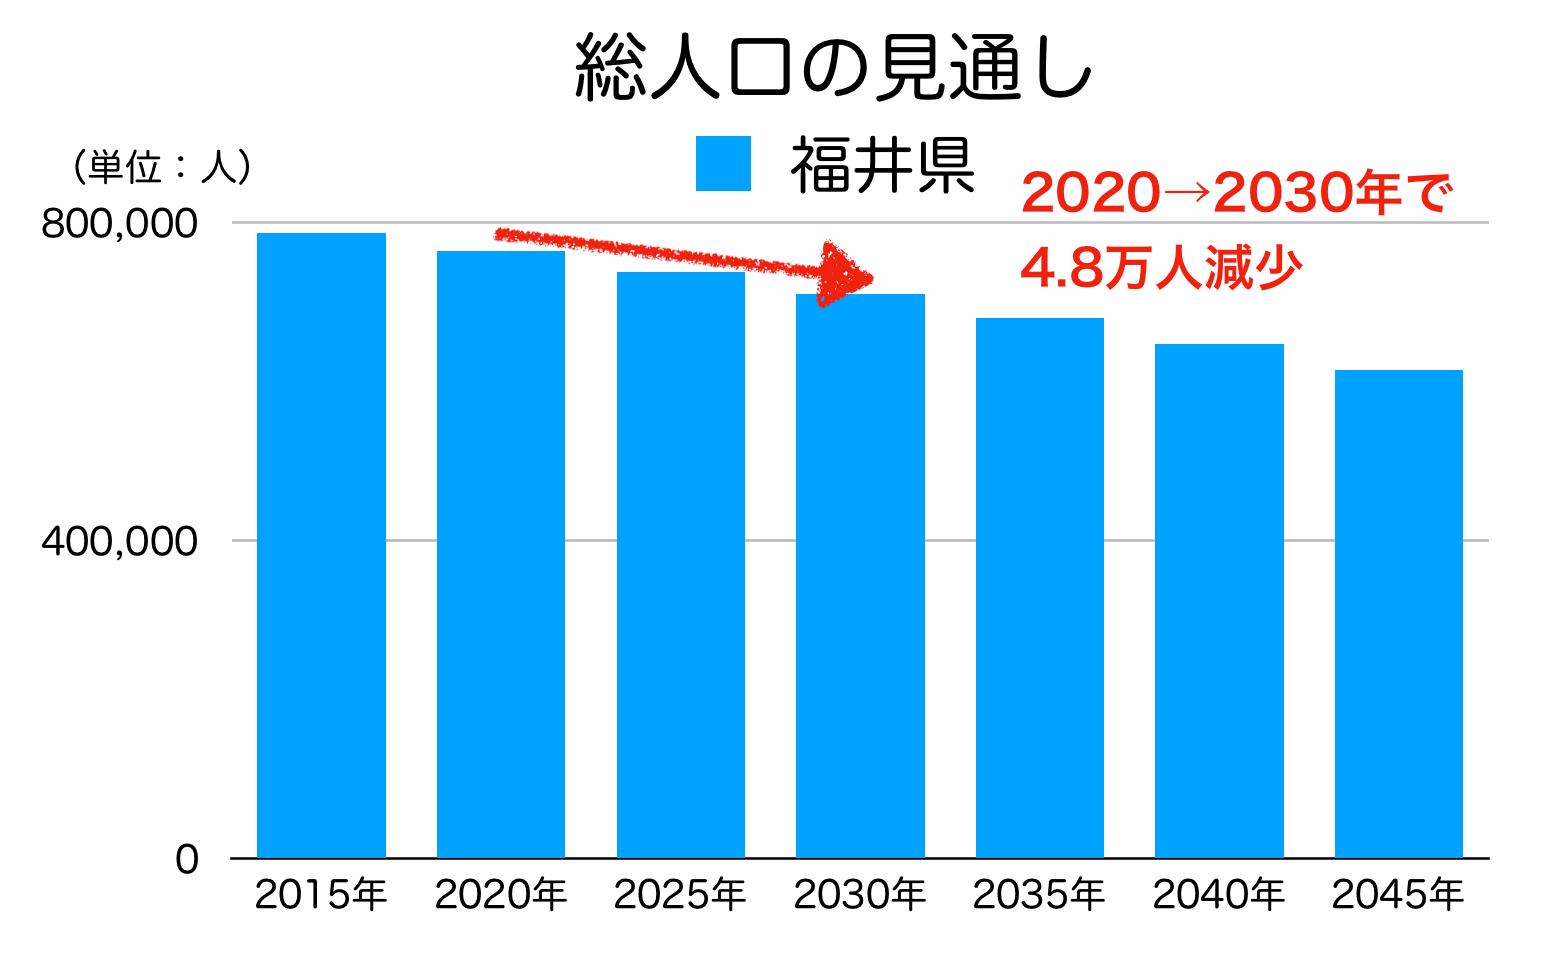 北海道の総人口の見通し